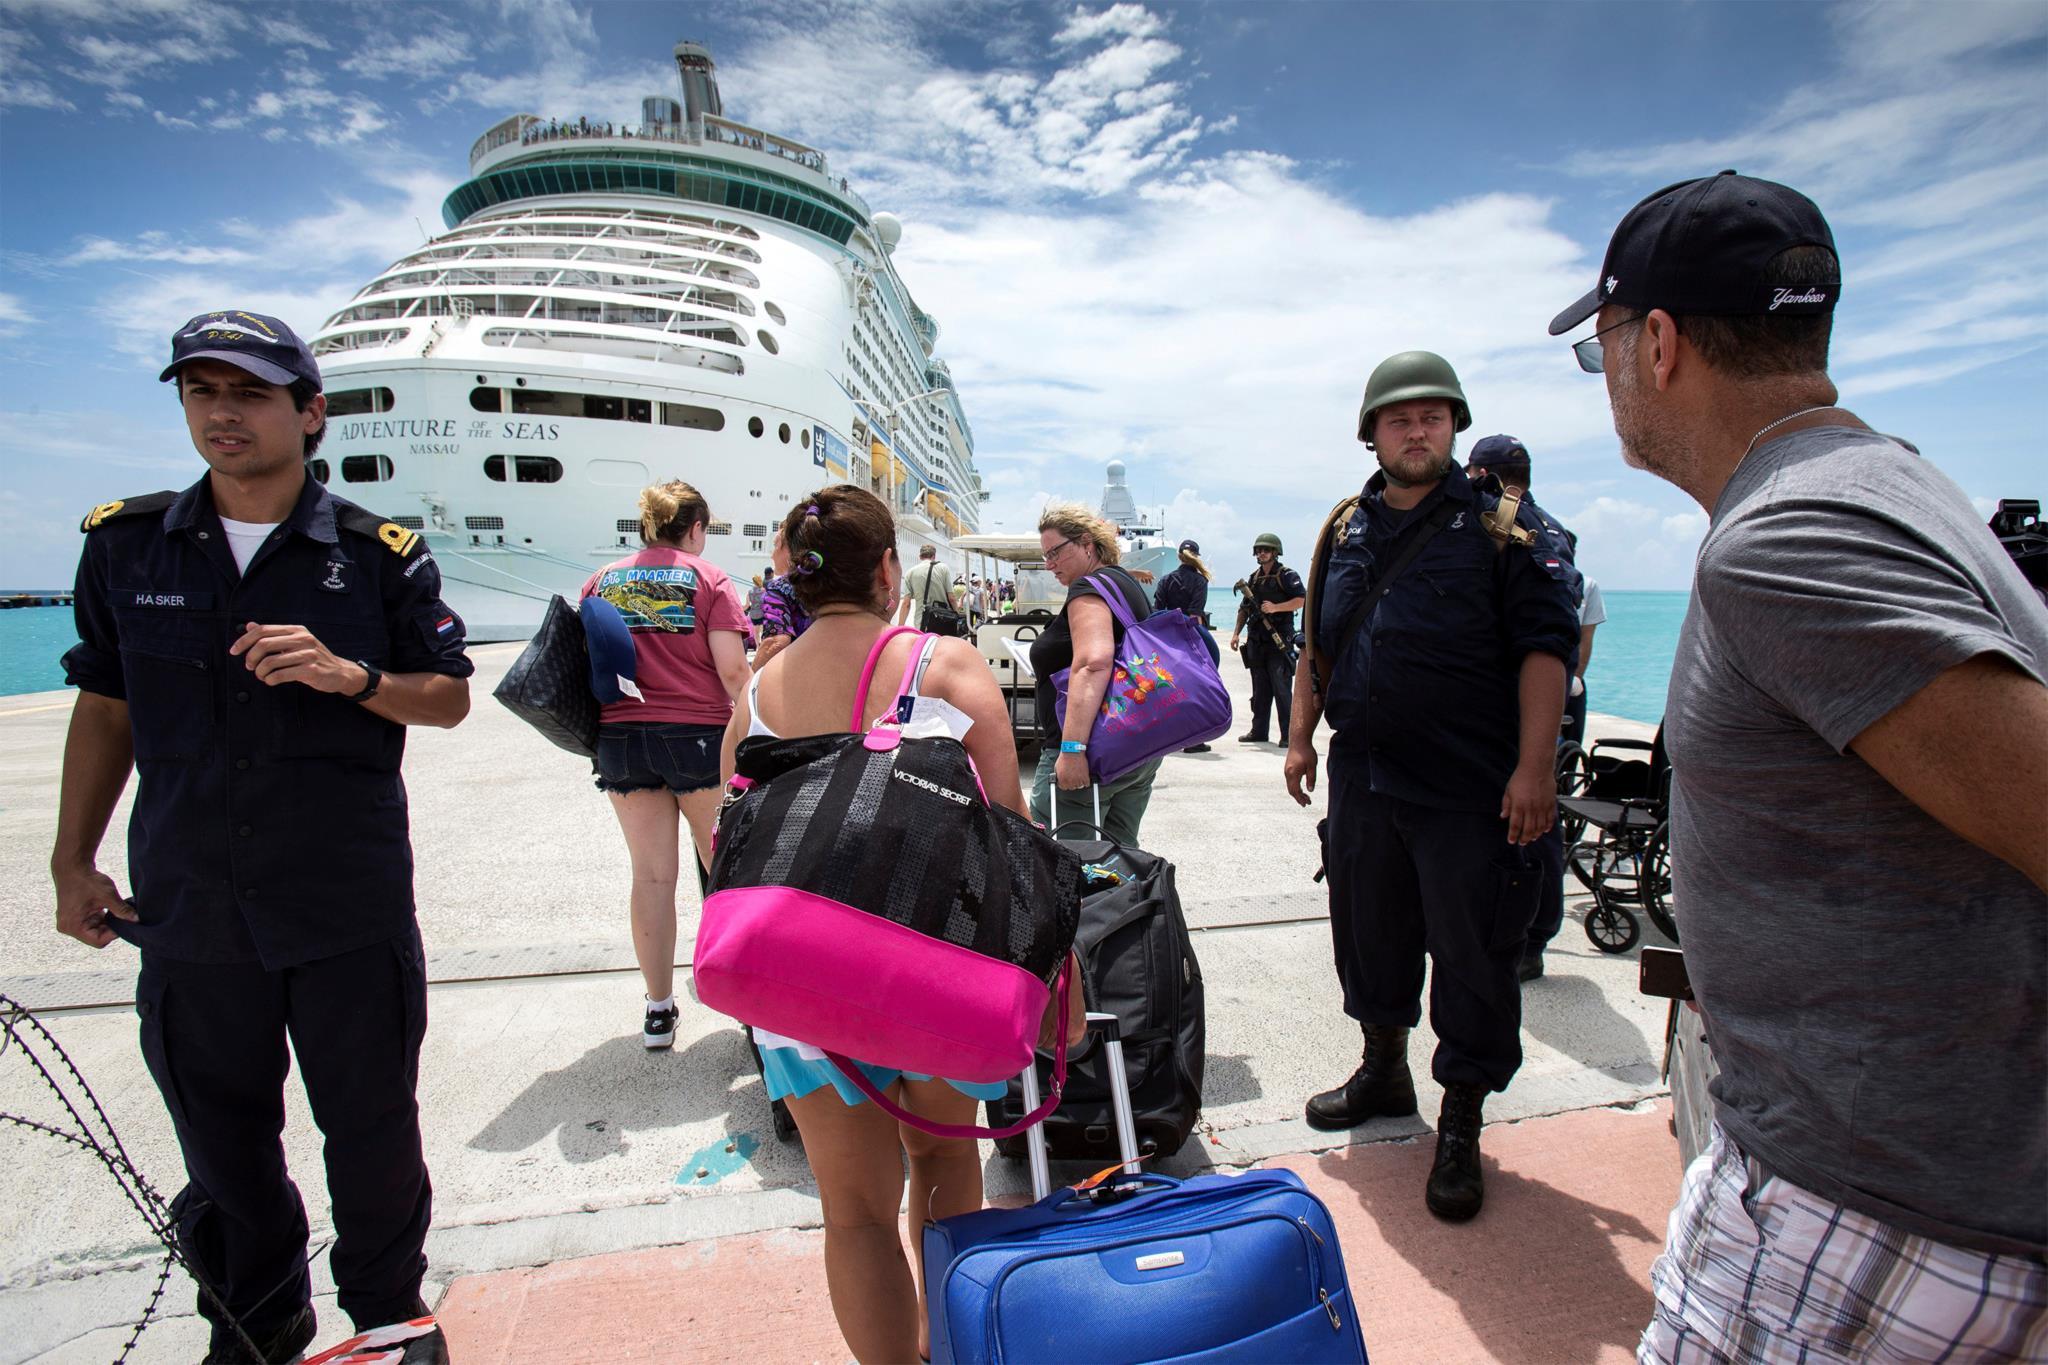 Turistas encaminham-se para um cruzeiro na ilha de São Martinho, no Nordeste das Antilhas, uma das mais afectadas pelo <i>Irma</i>